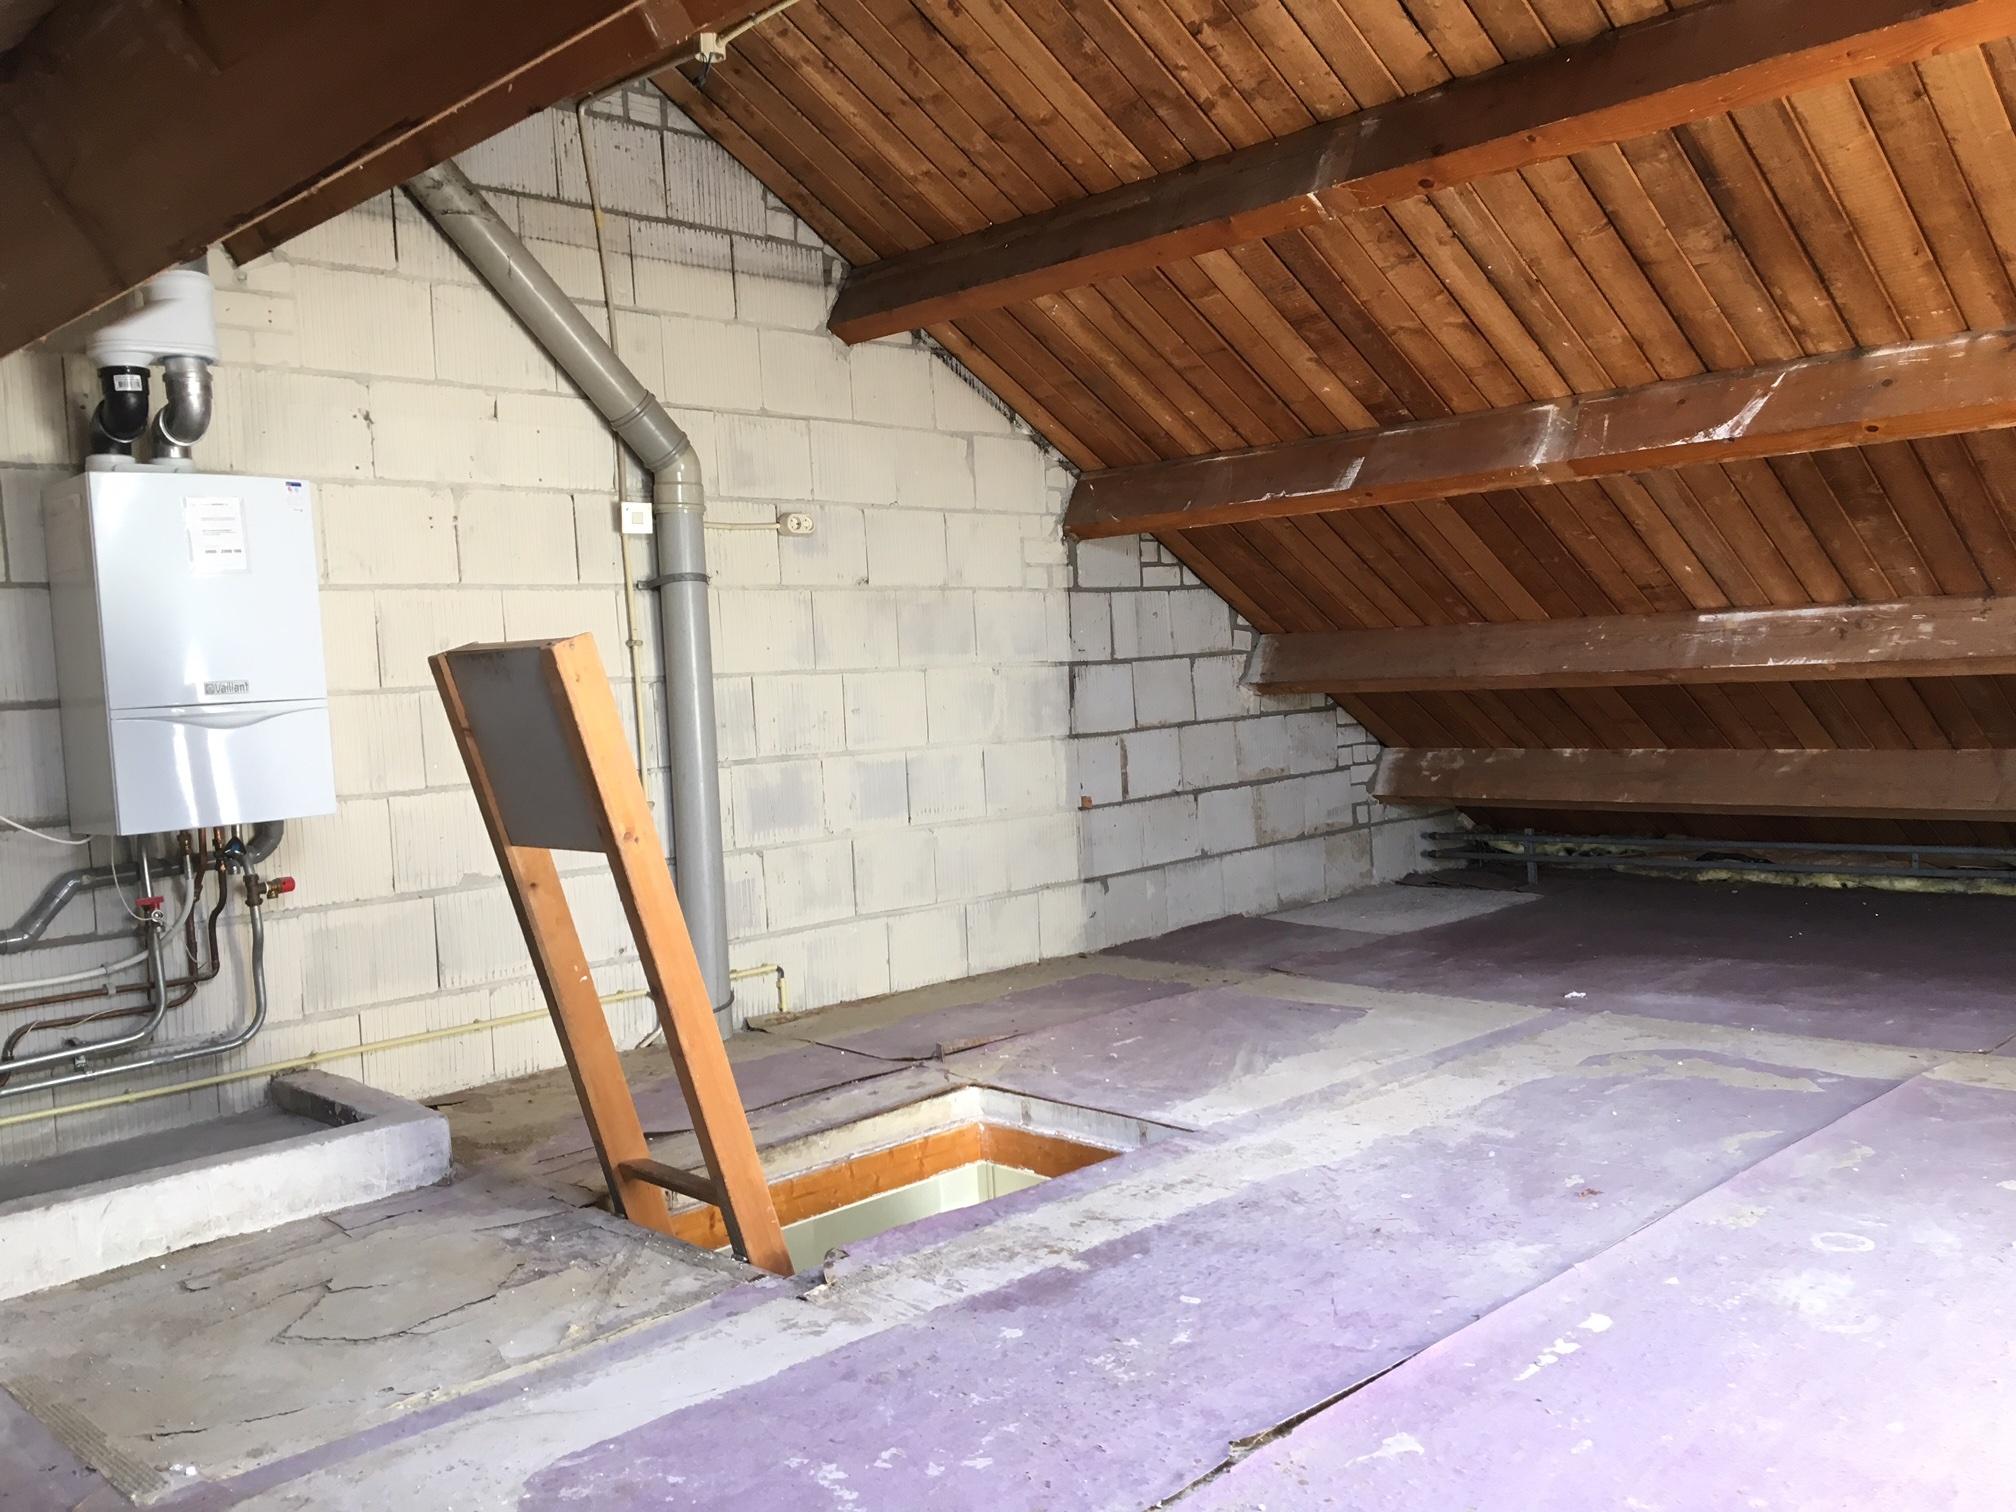 Trapgat in het beton zagen werkspot for Trapgat maken in beton